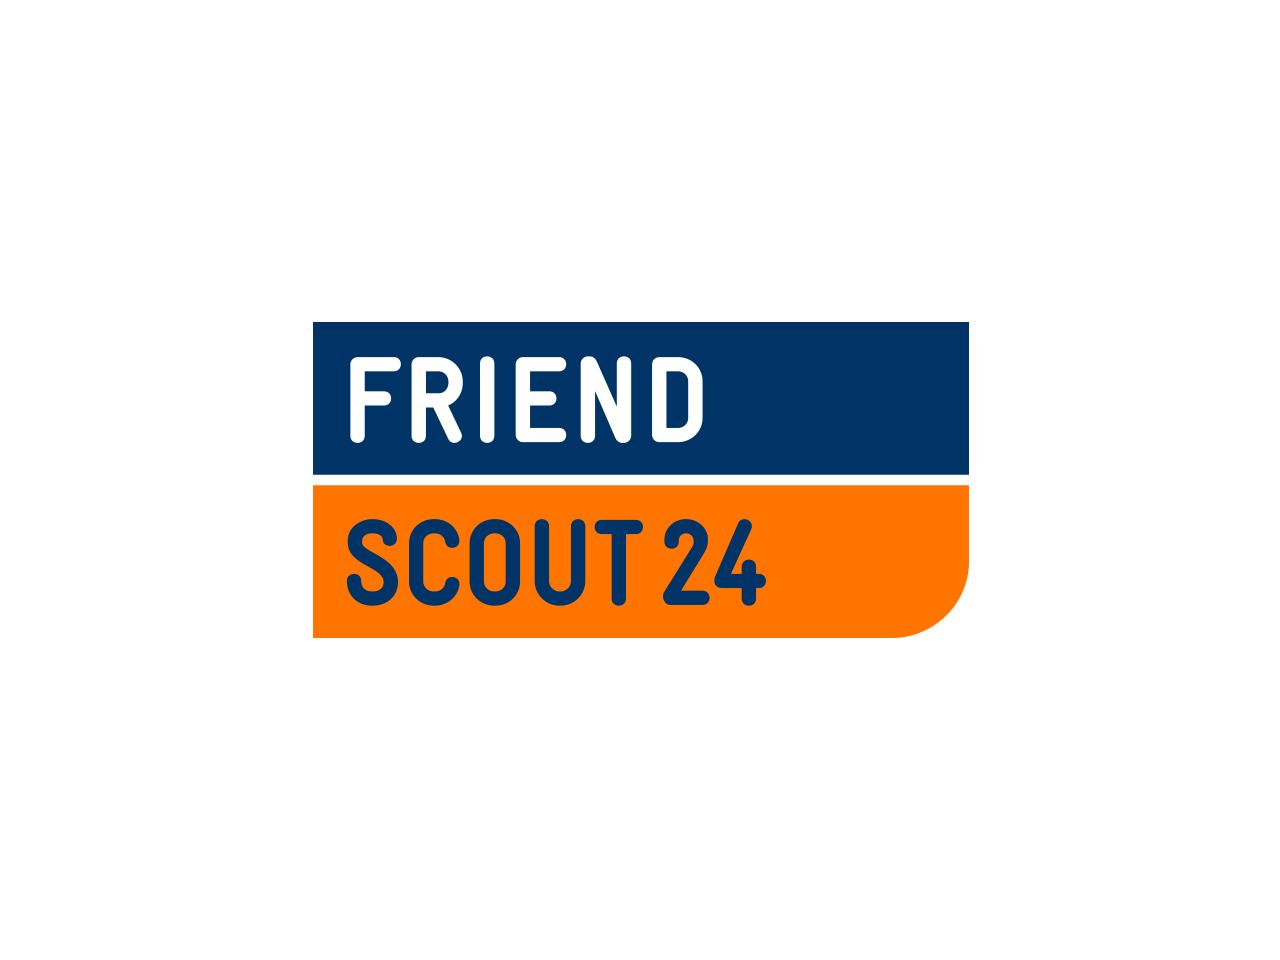 24 friendscout24